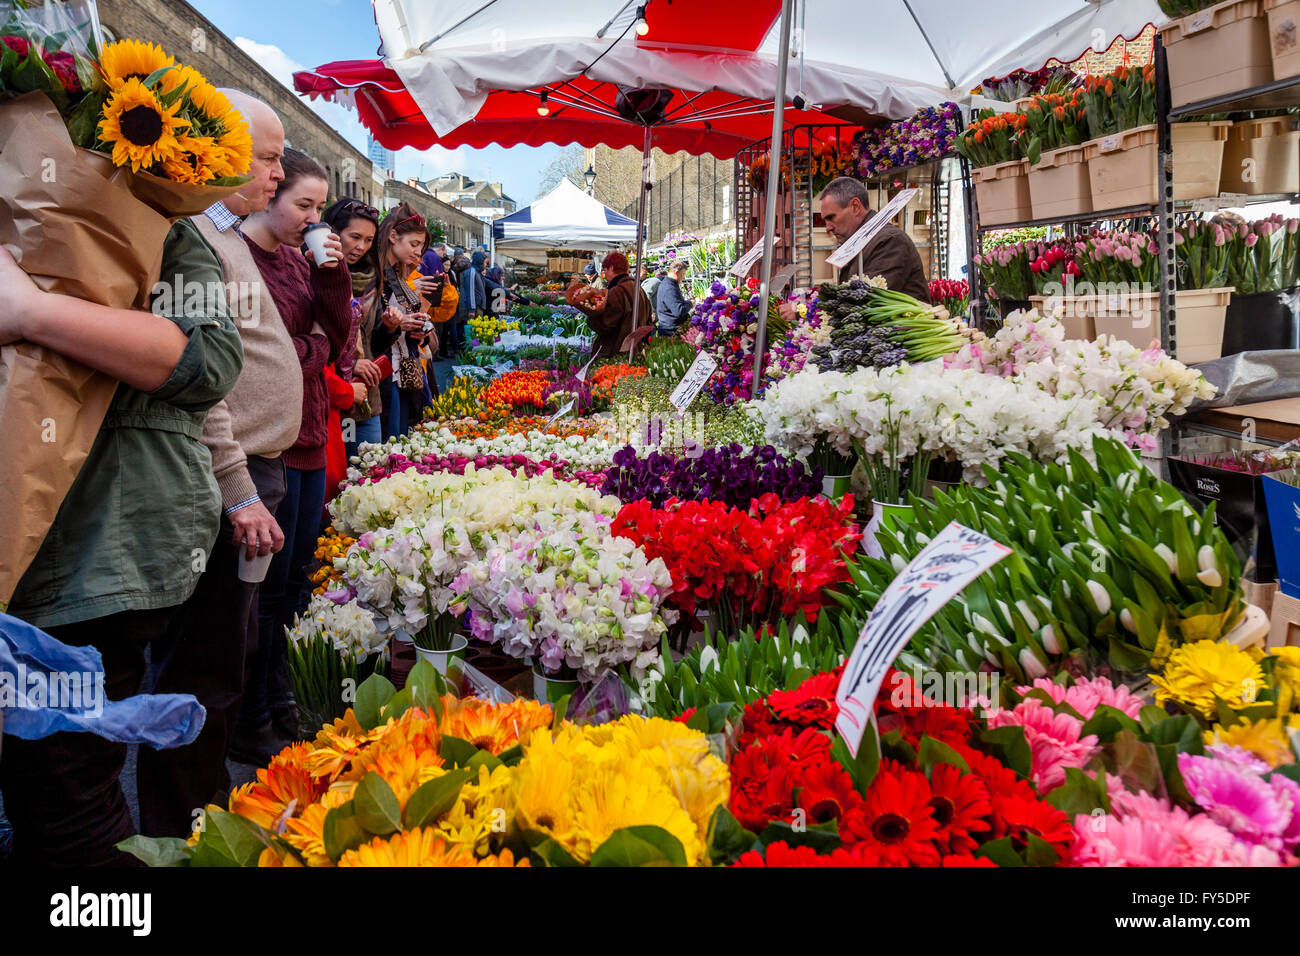 Les Londoniens d'acheter des fleurs sur Columbia Road Flower Market, Tower Hamlets, London, England Photo Stock